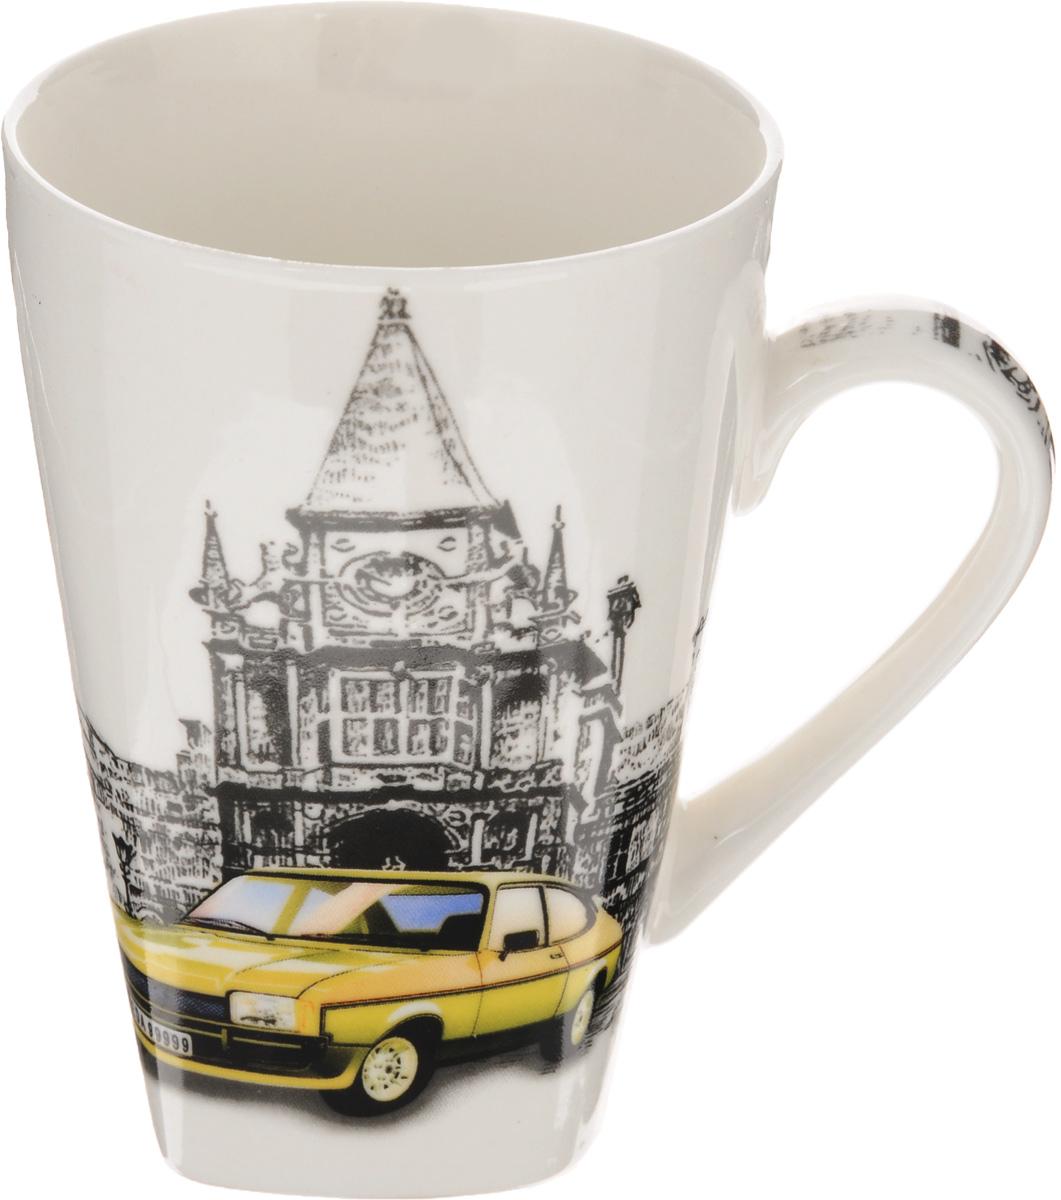 Кружка Patricia Автомобили, цвет: белый, серый, желтый, 400 млIM57-0500/2У каждого из нас дома есть любимая кружка, однако именно такая займет в вашем сердце особое место. Кружка Patricia Автомобили выполнена из высококачественного фарфора и оформлена оригинальным рисунком. Запоминающийся дизайн изделия придется по вкусу даже самым избалованным любителям кухонных аксессуаров. Замечательное качество и удобство в использовании - это те качества, которыми обладает эта кружка. Диаметр кружки по верхнему краю: 8,5 см.